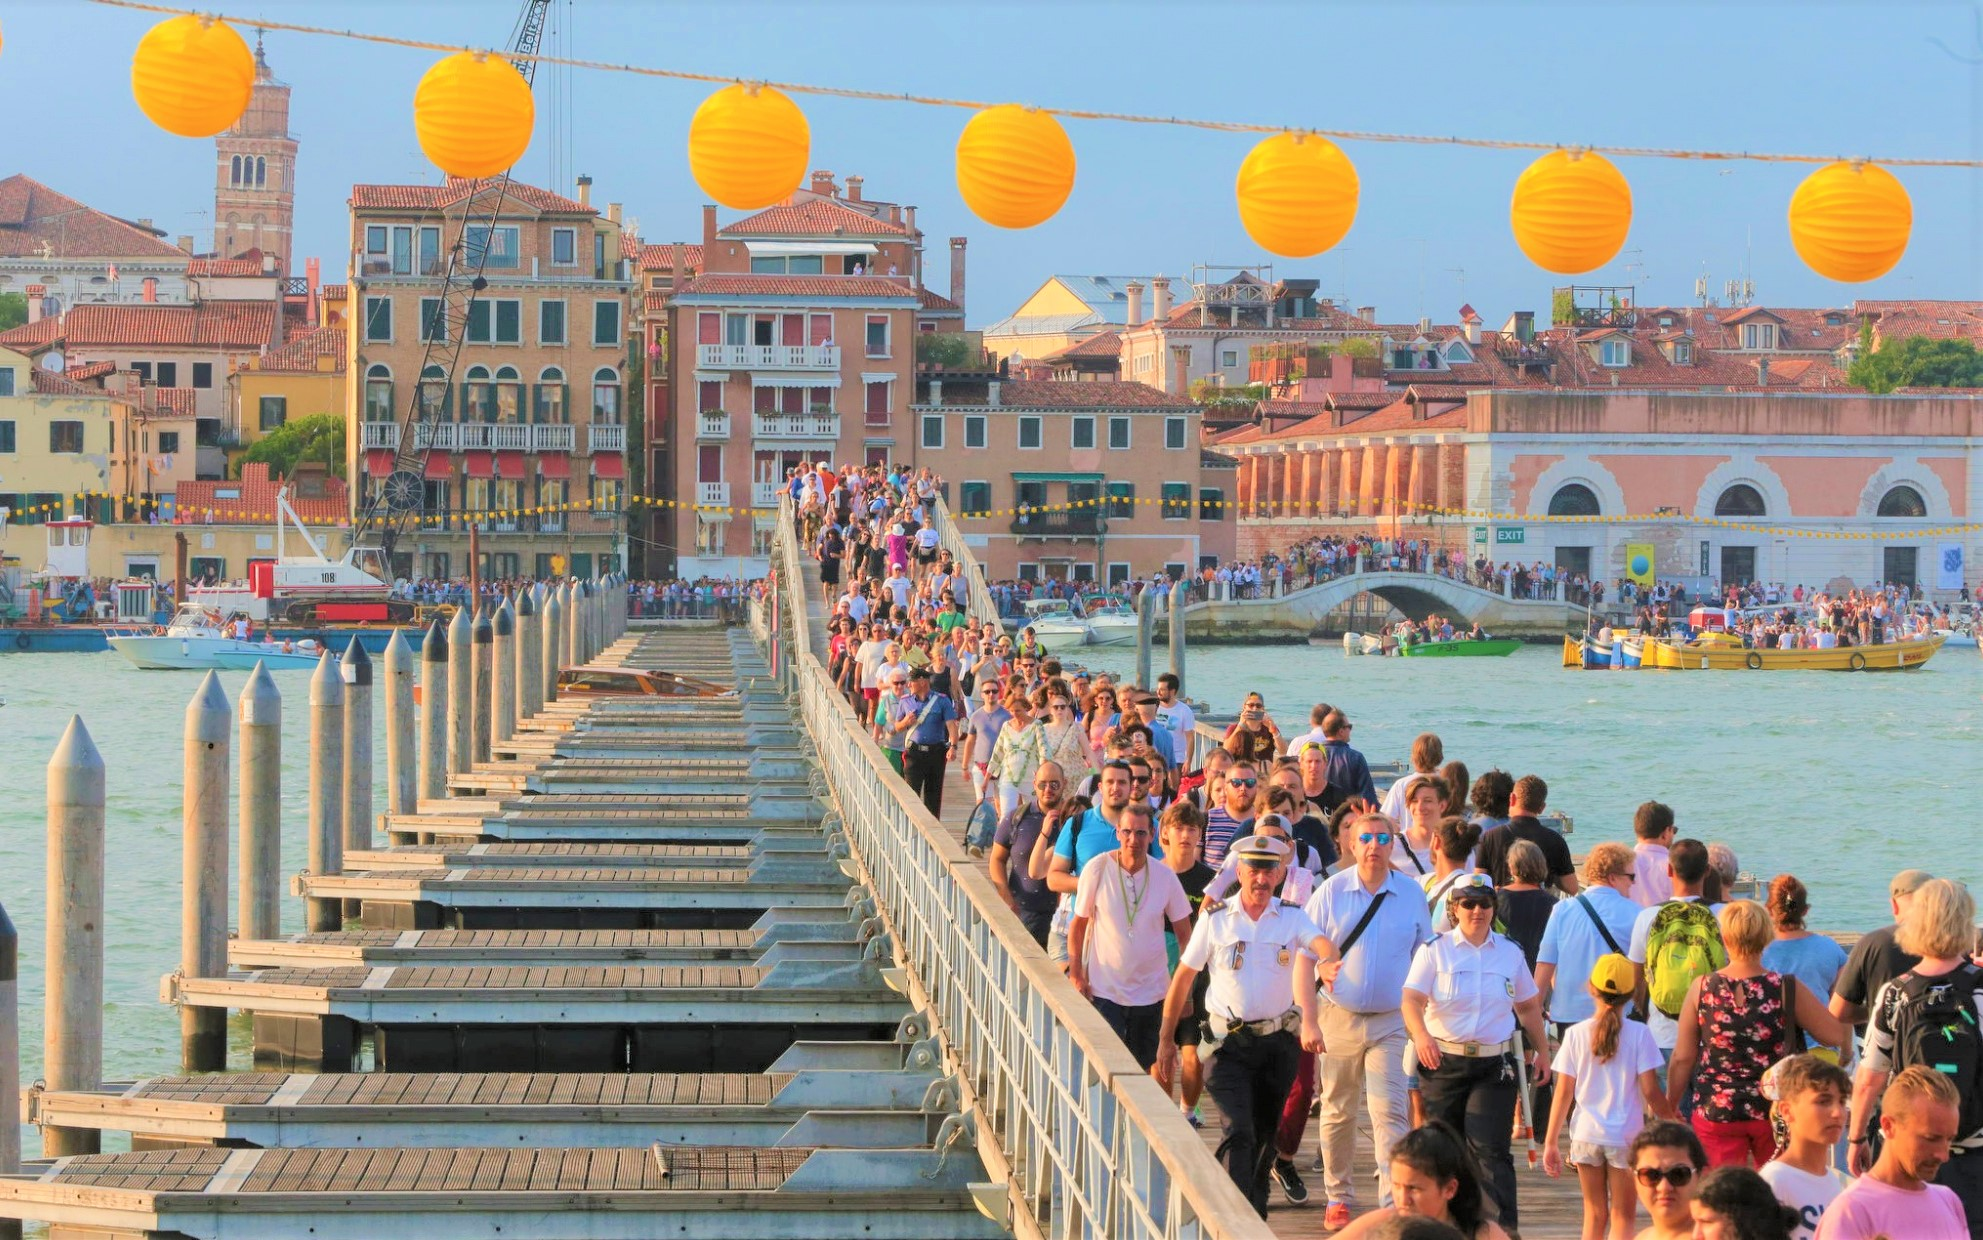 festa del redentore ponte votivo oreficeria meneghetti orafo di venezia gioielleria.jpg